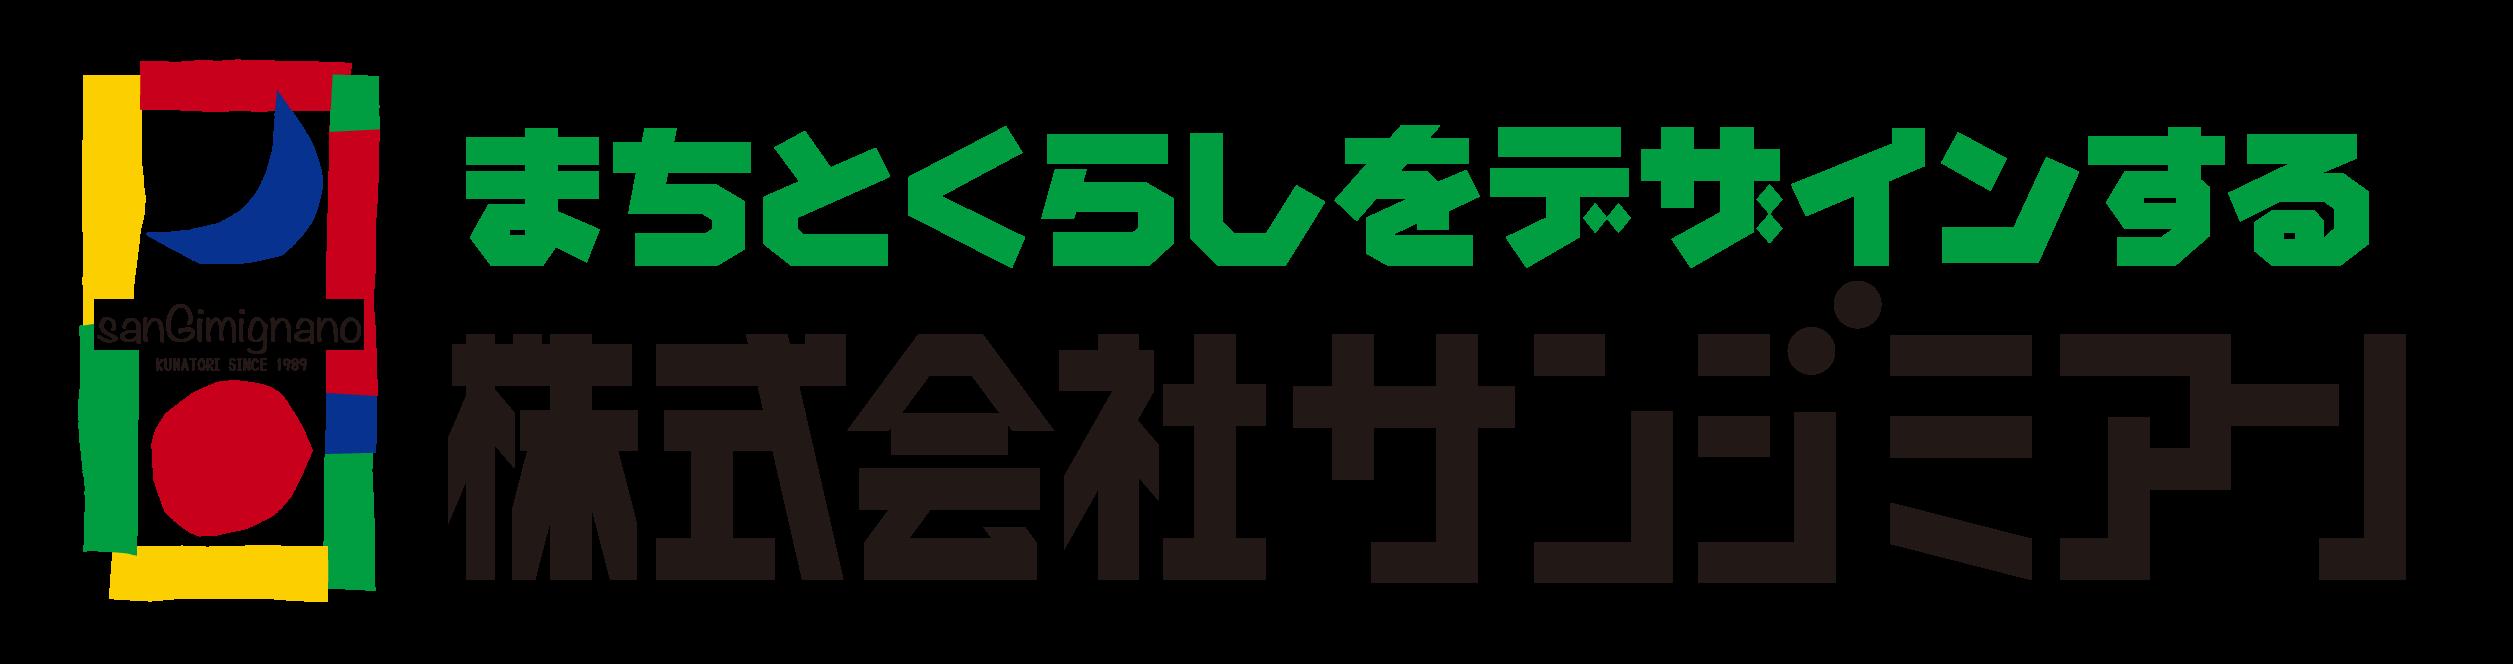 株式会社サンジミアーノ